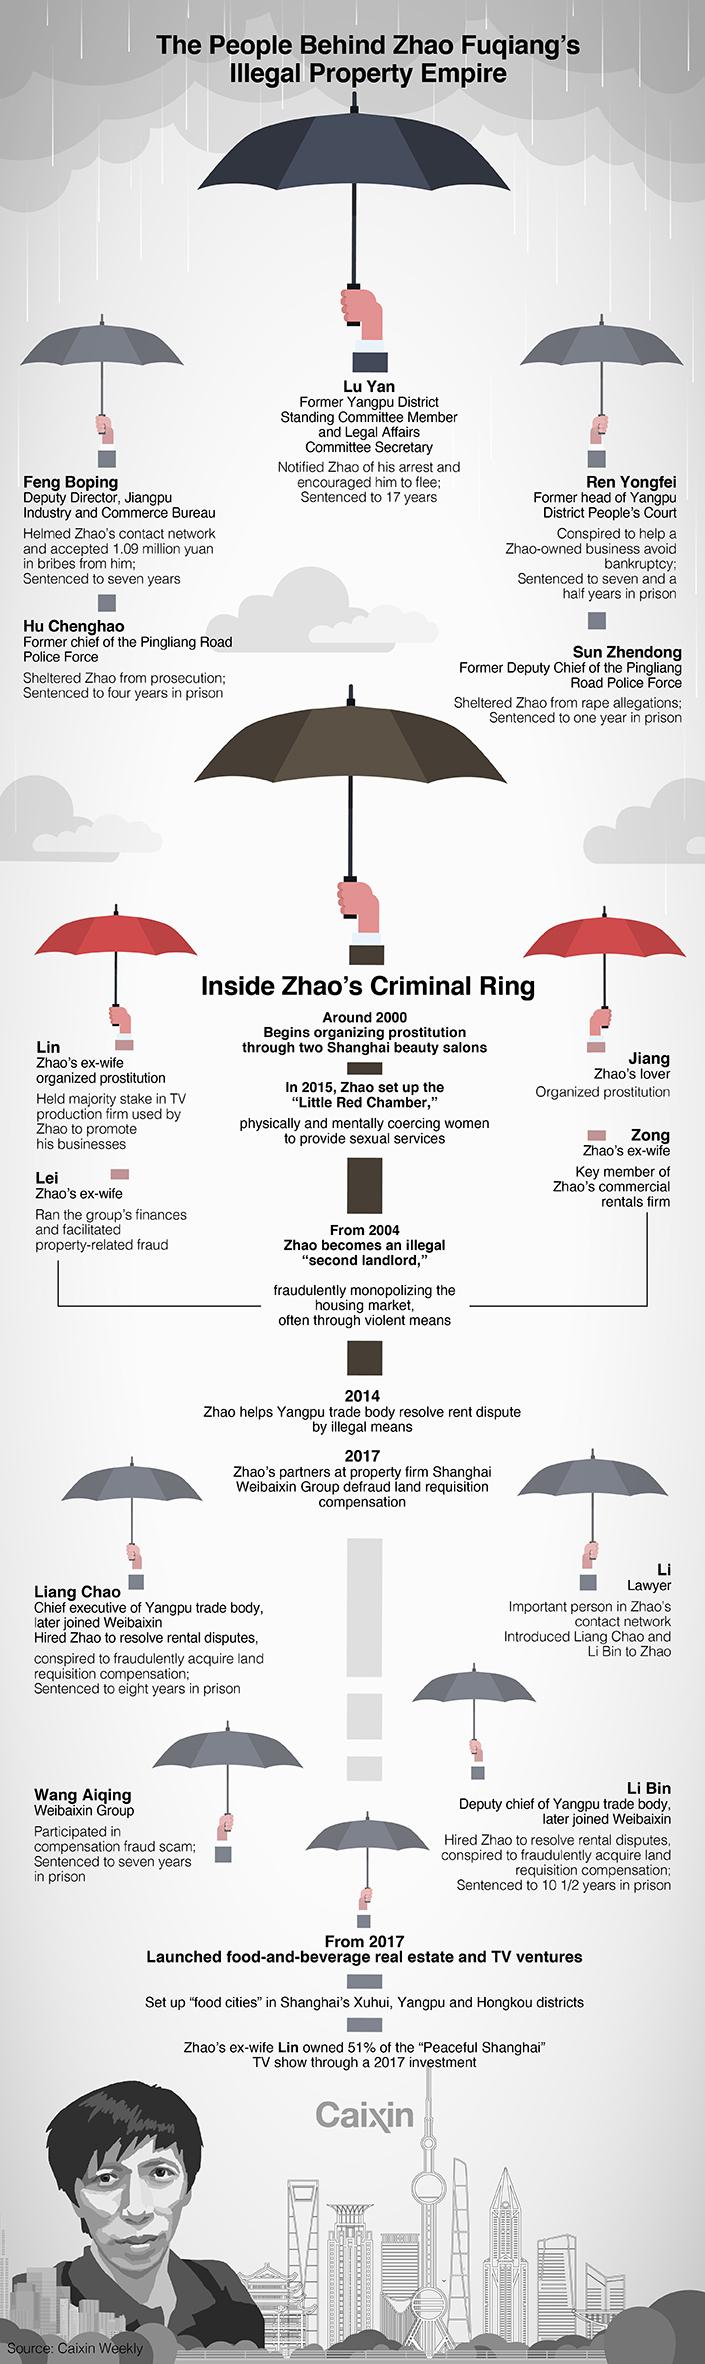 XIAOHONG CHART